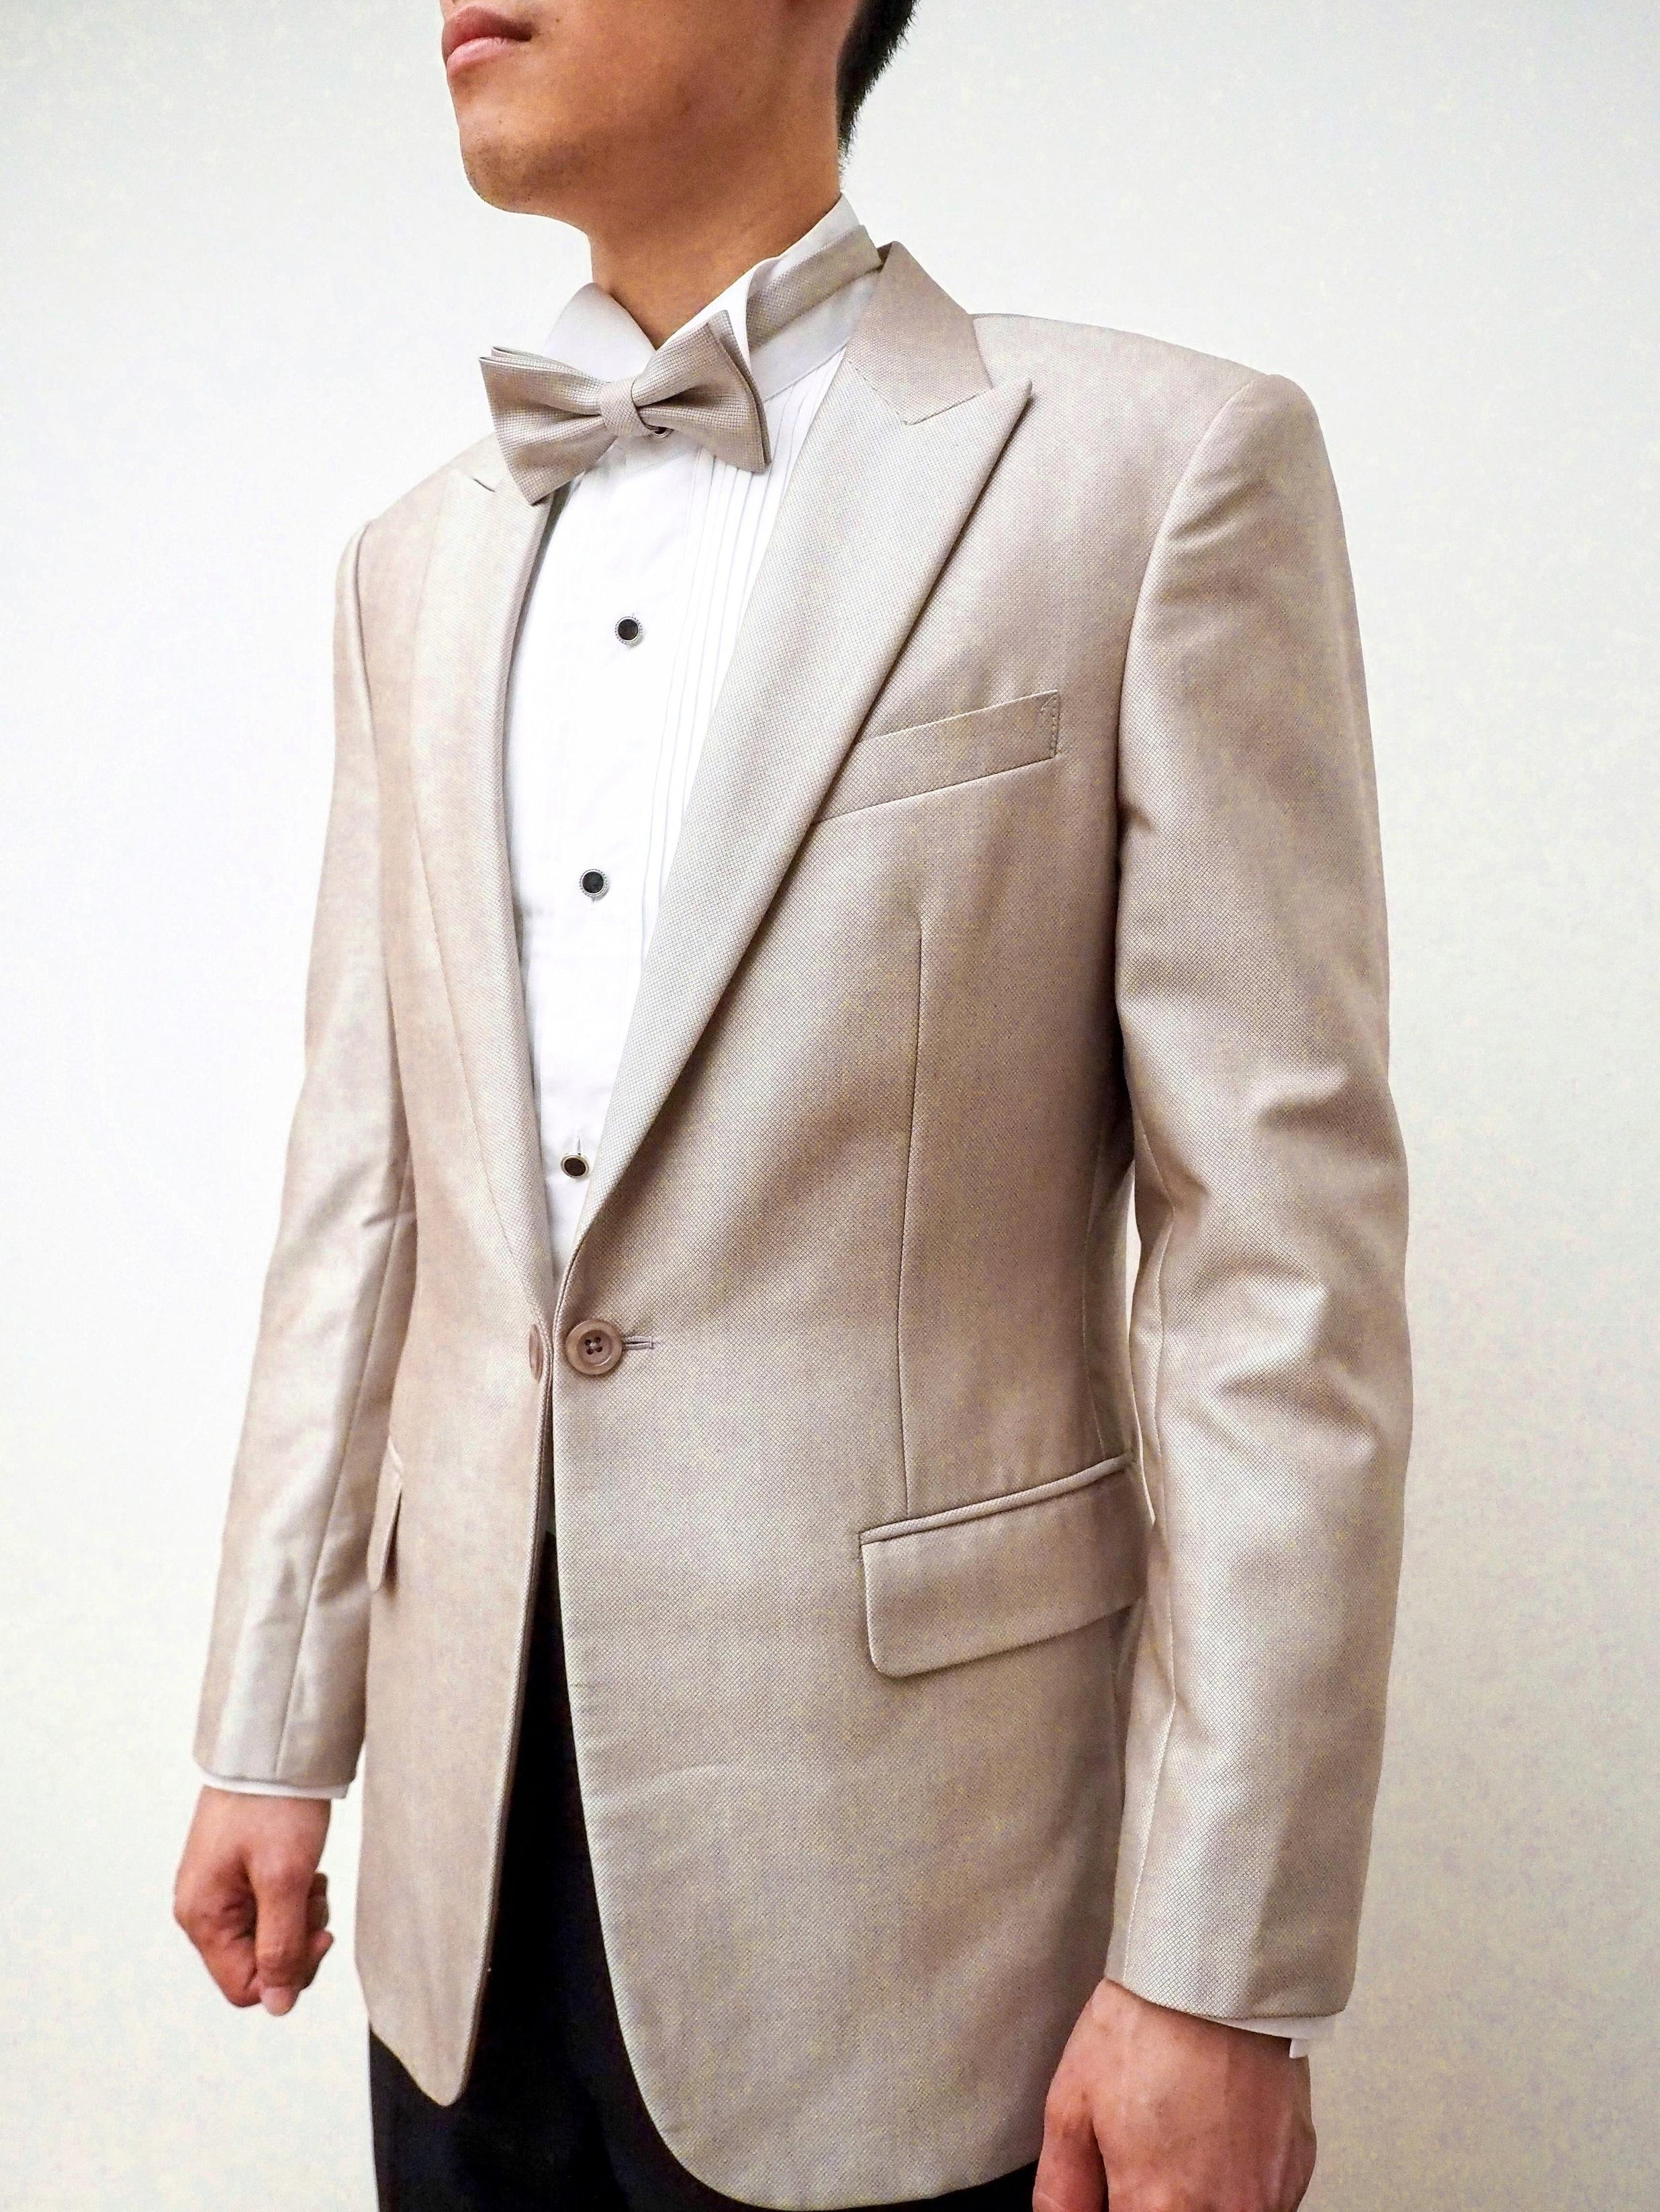 Champagne colour suit by CCM Wedding